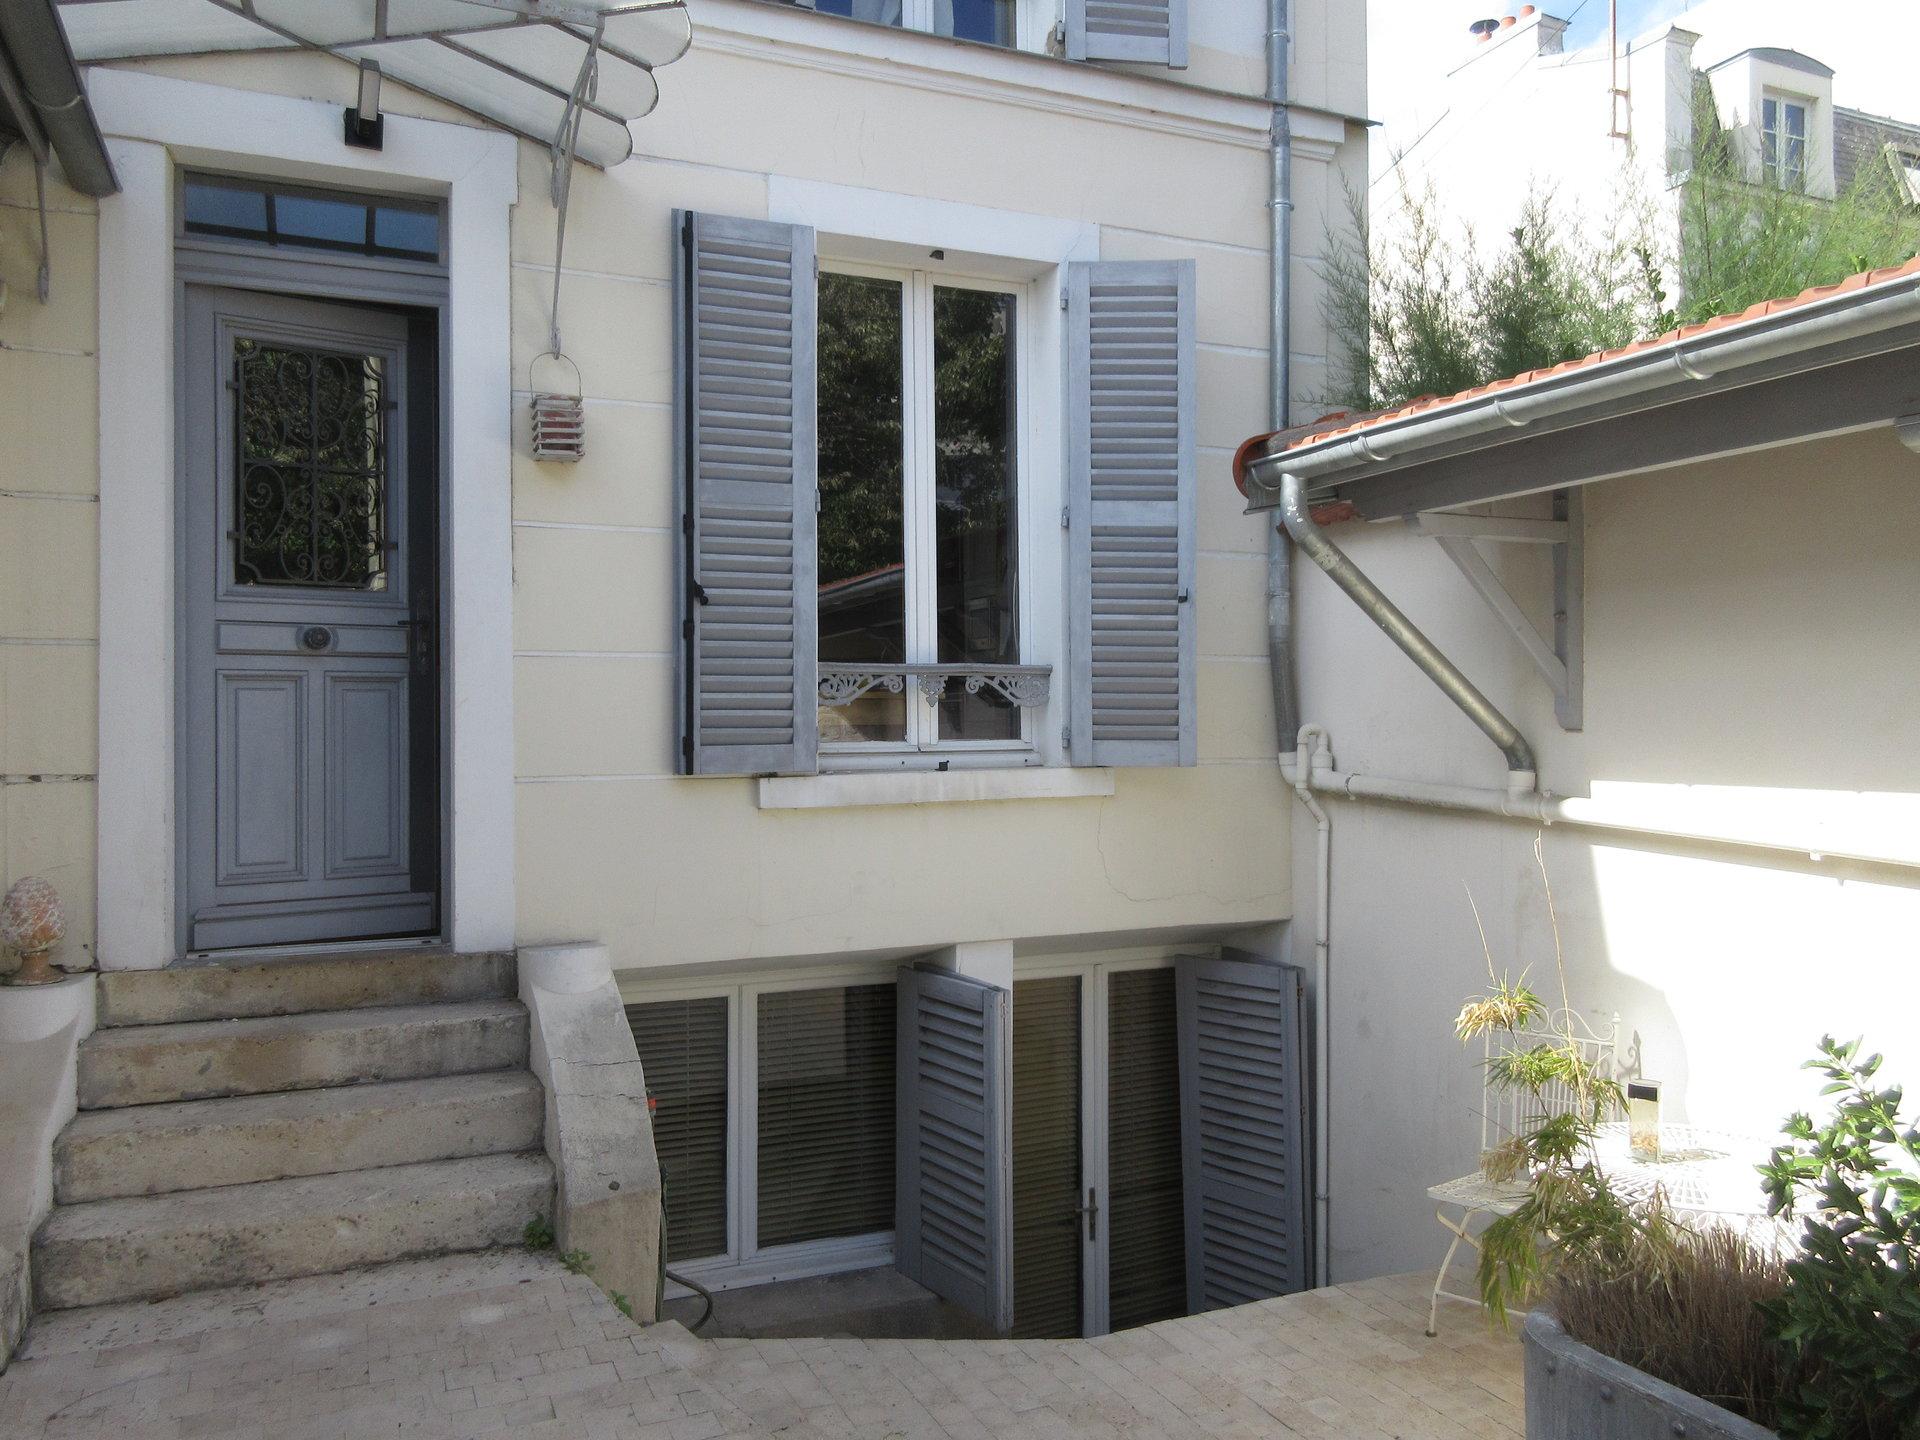 Chatou bas. En hypercentre, maison ancienne située à 3 min du RER à pied.